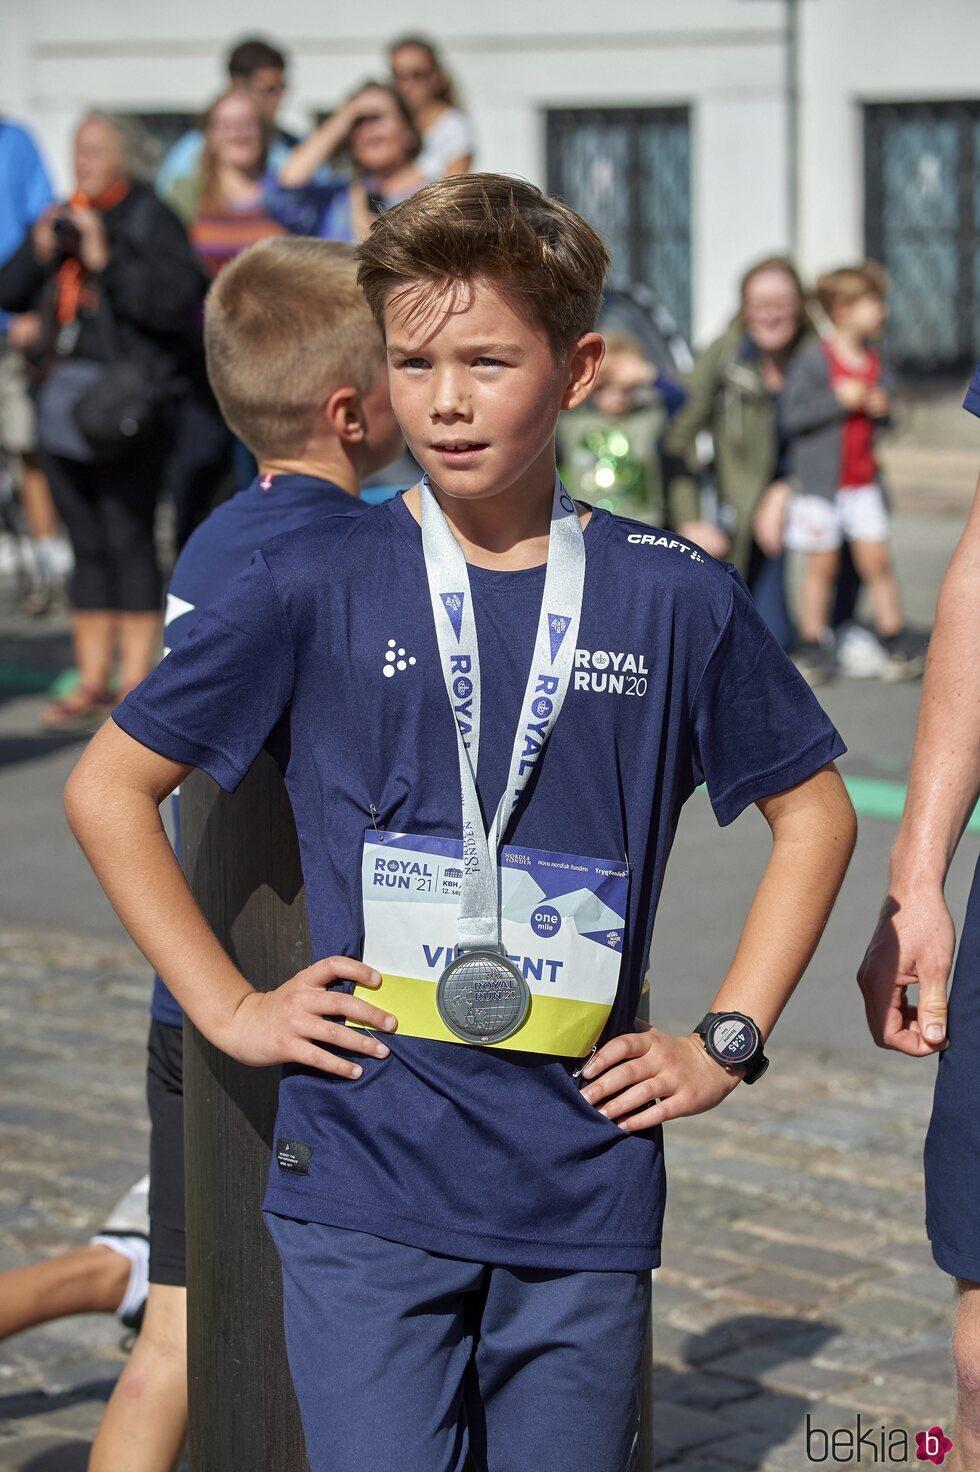 Vicente de Dinamarca en la Royal Run